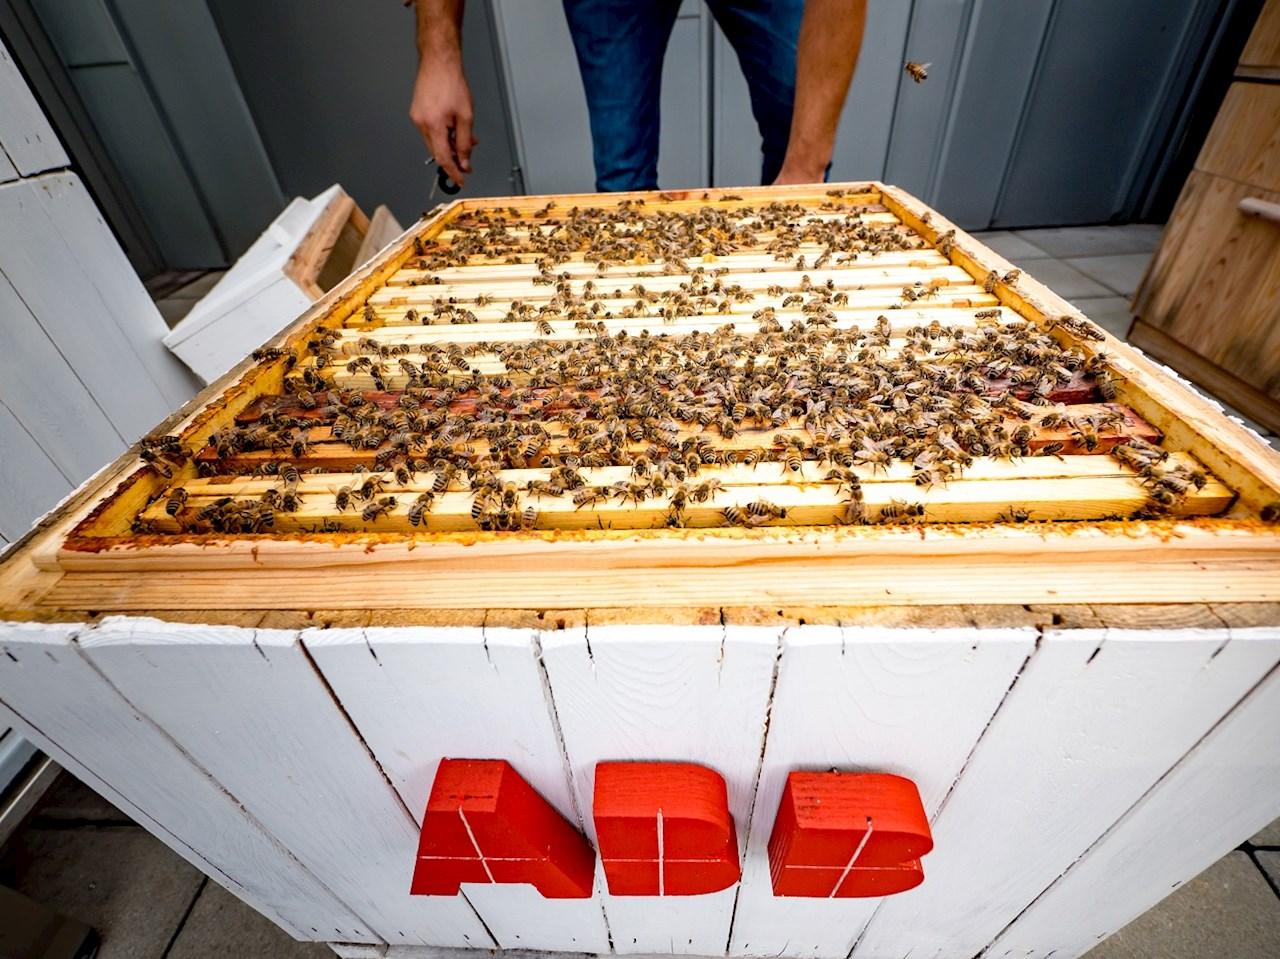 data_analysis_through_beekeeping_at_abb